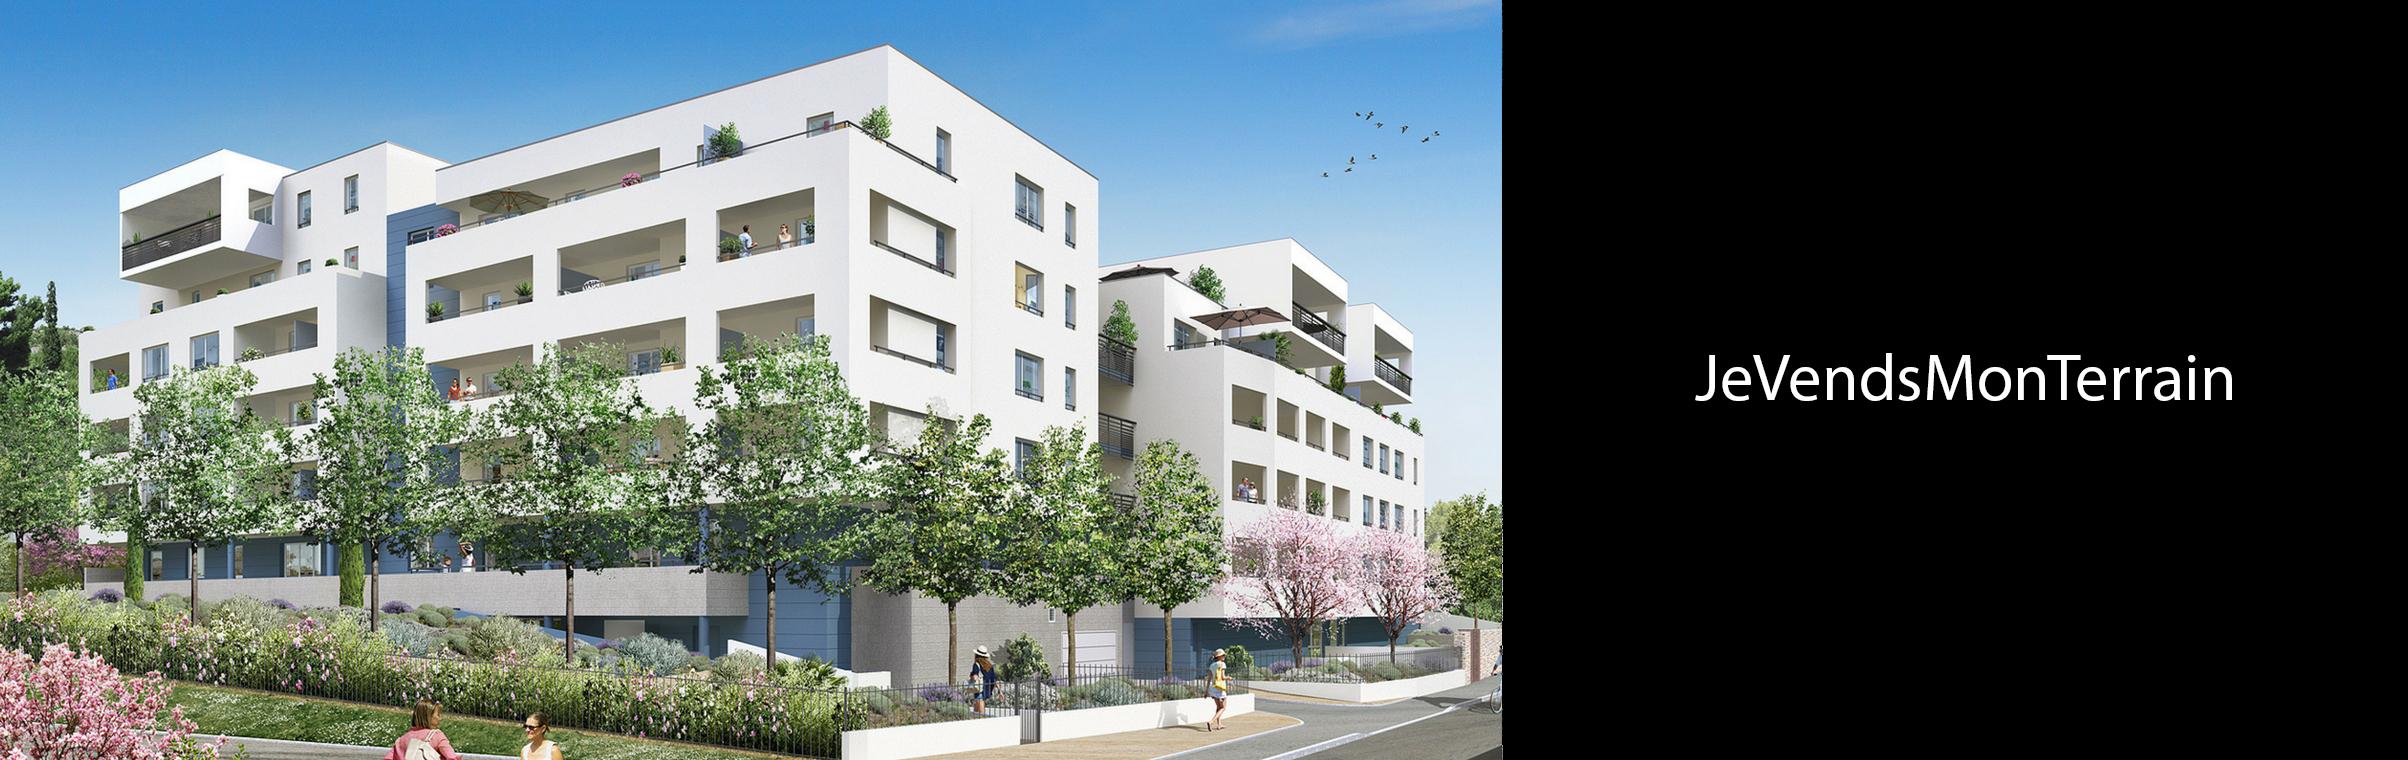 Vendre son terrain à un promoteur immobilier